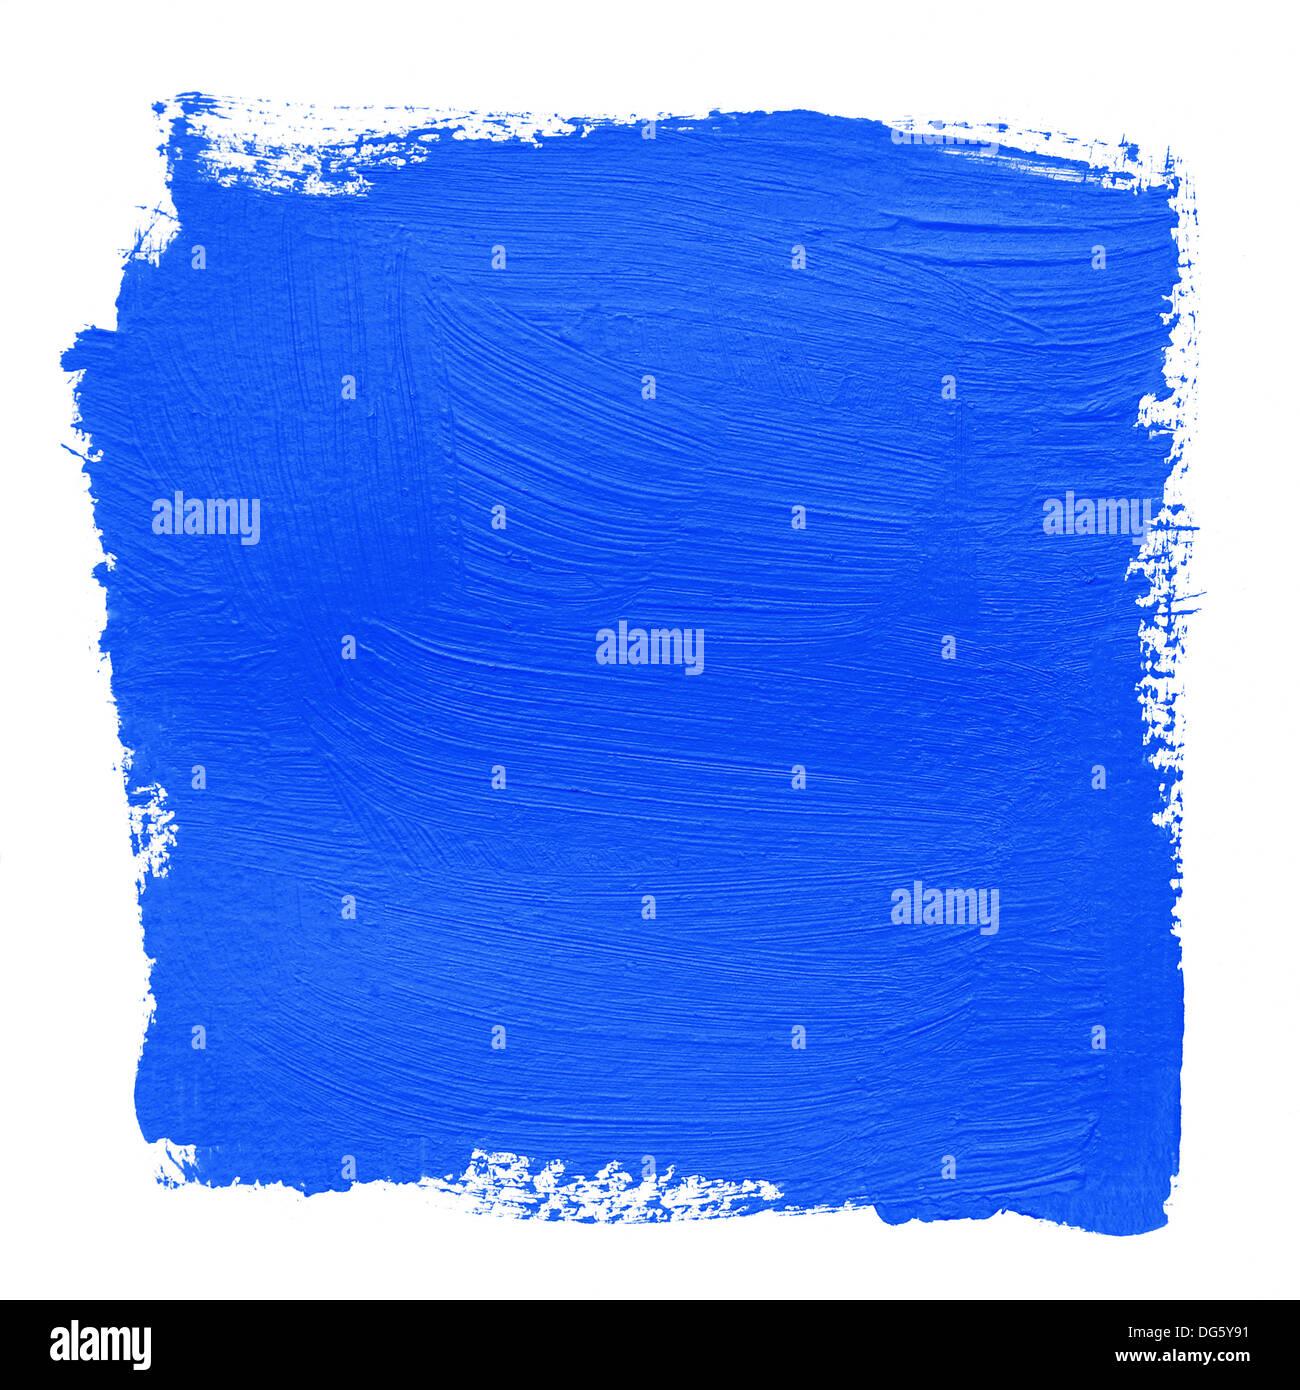 Dipinto a mano con sfondo blu brillante vernice acrilica Immagini Stock